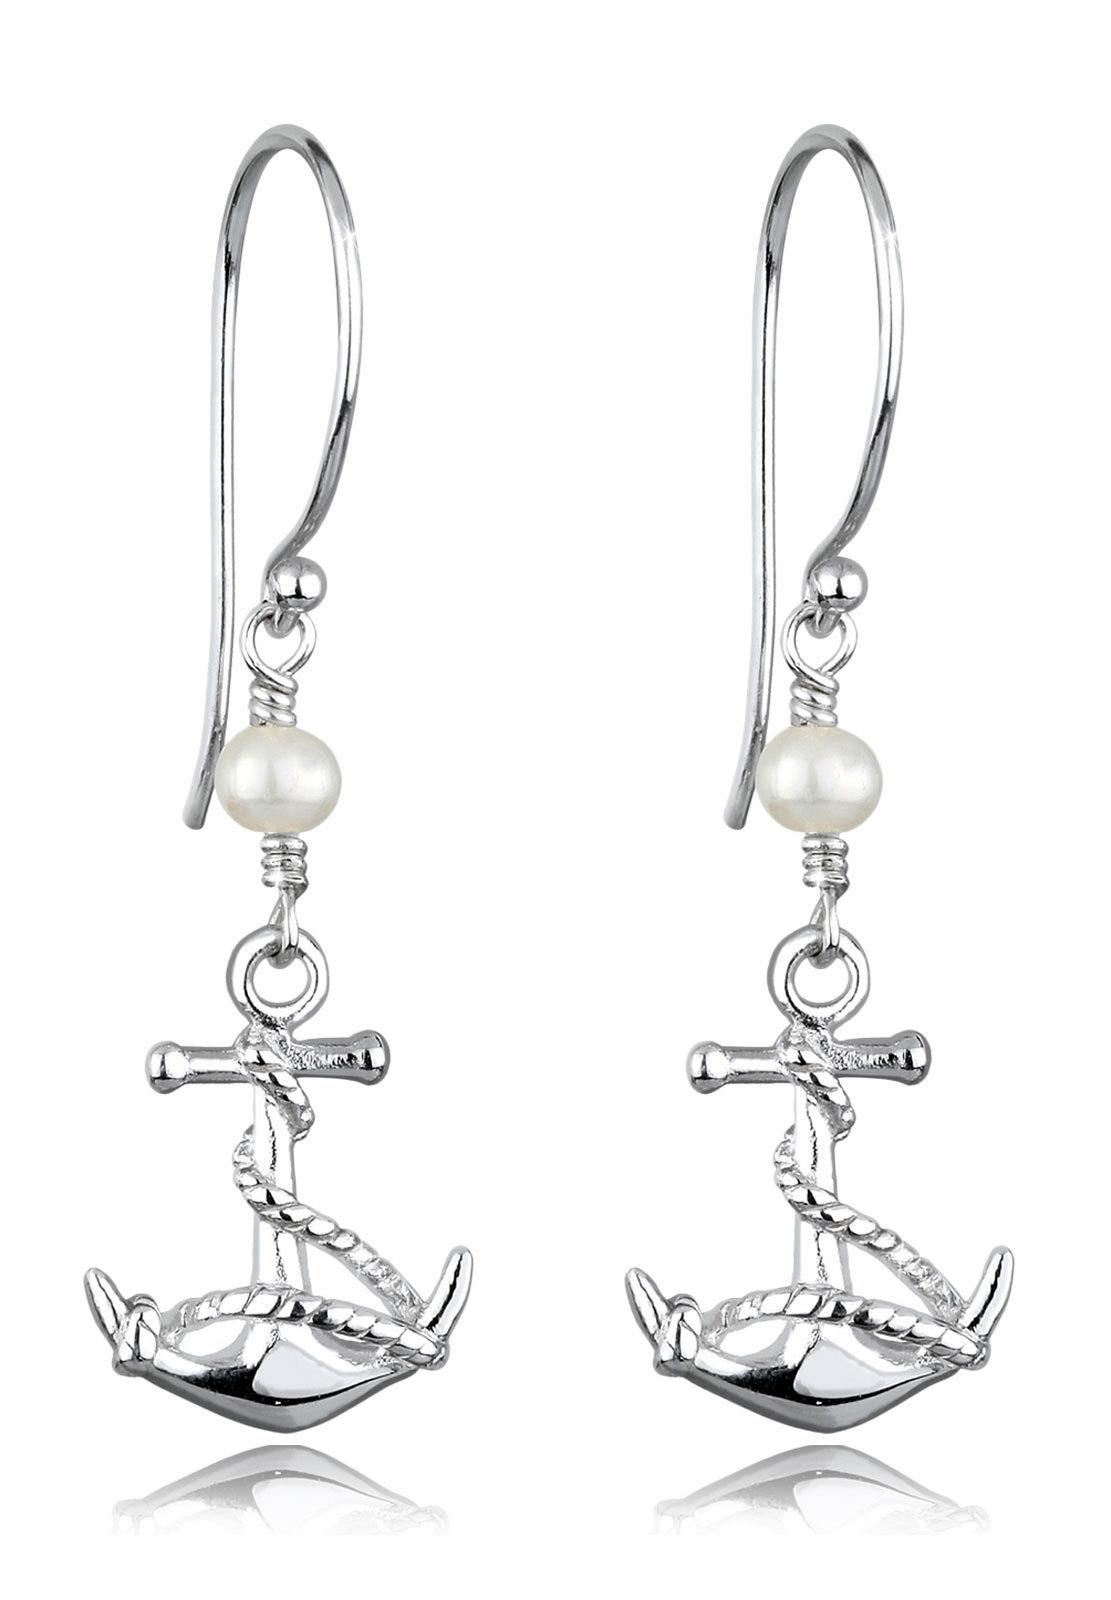 Ohrhänger Anker | Süßwasserperle | 925er Sterling Silber